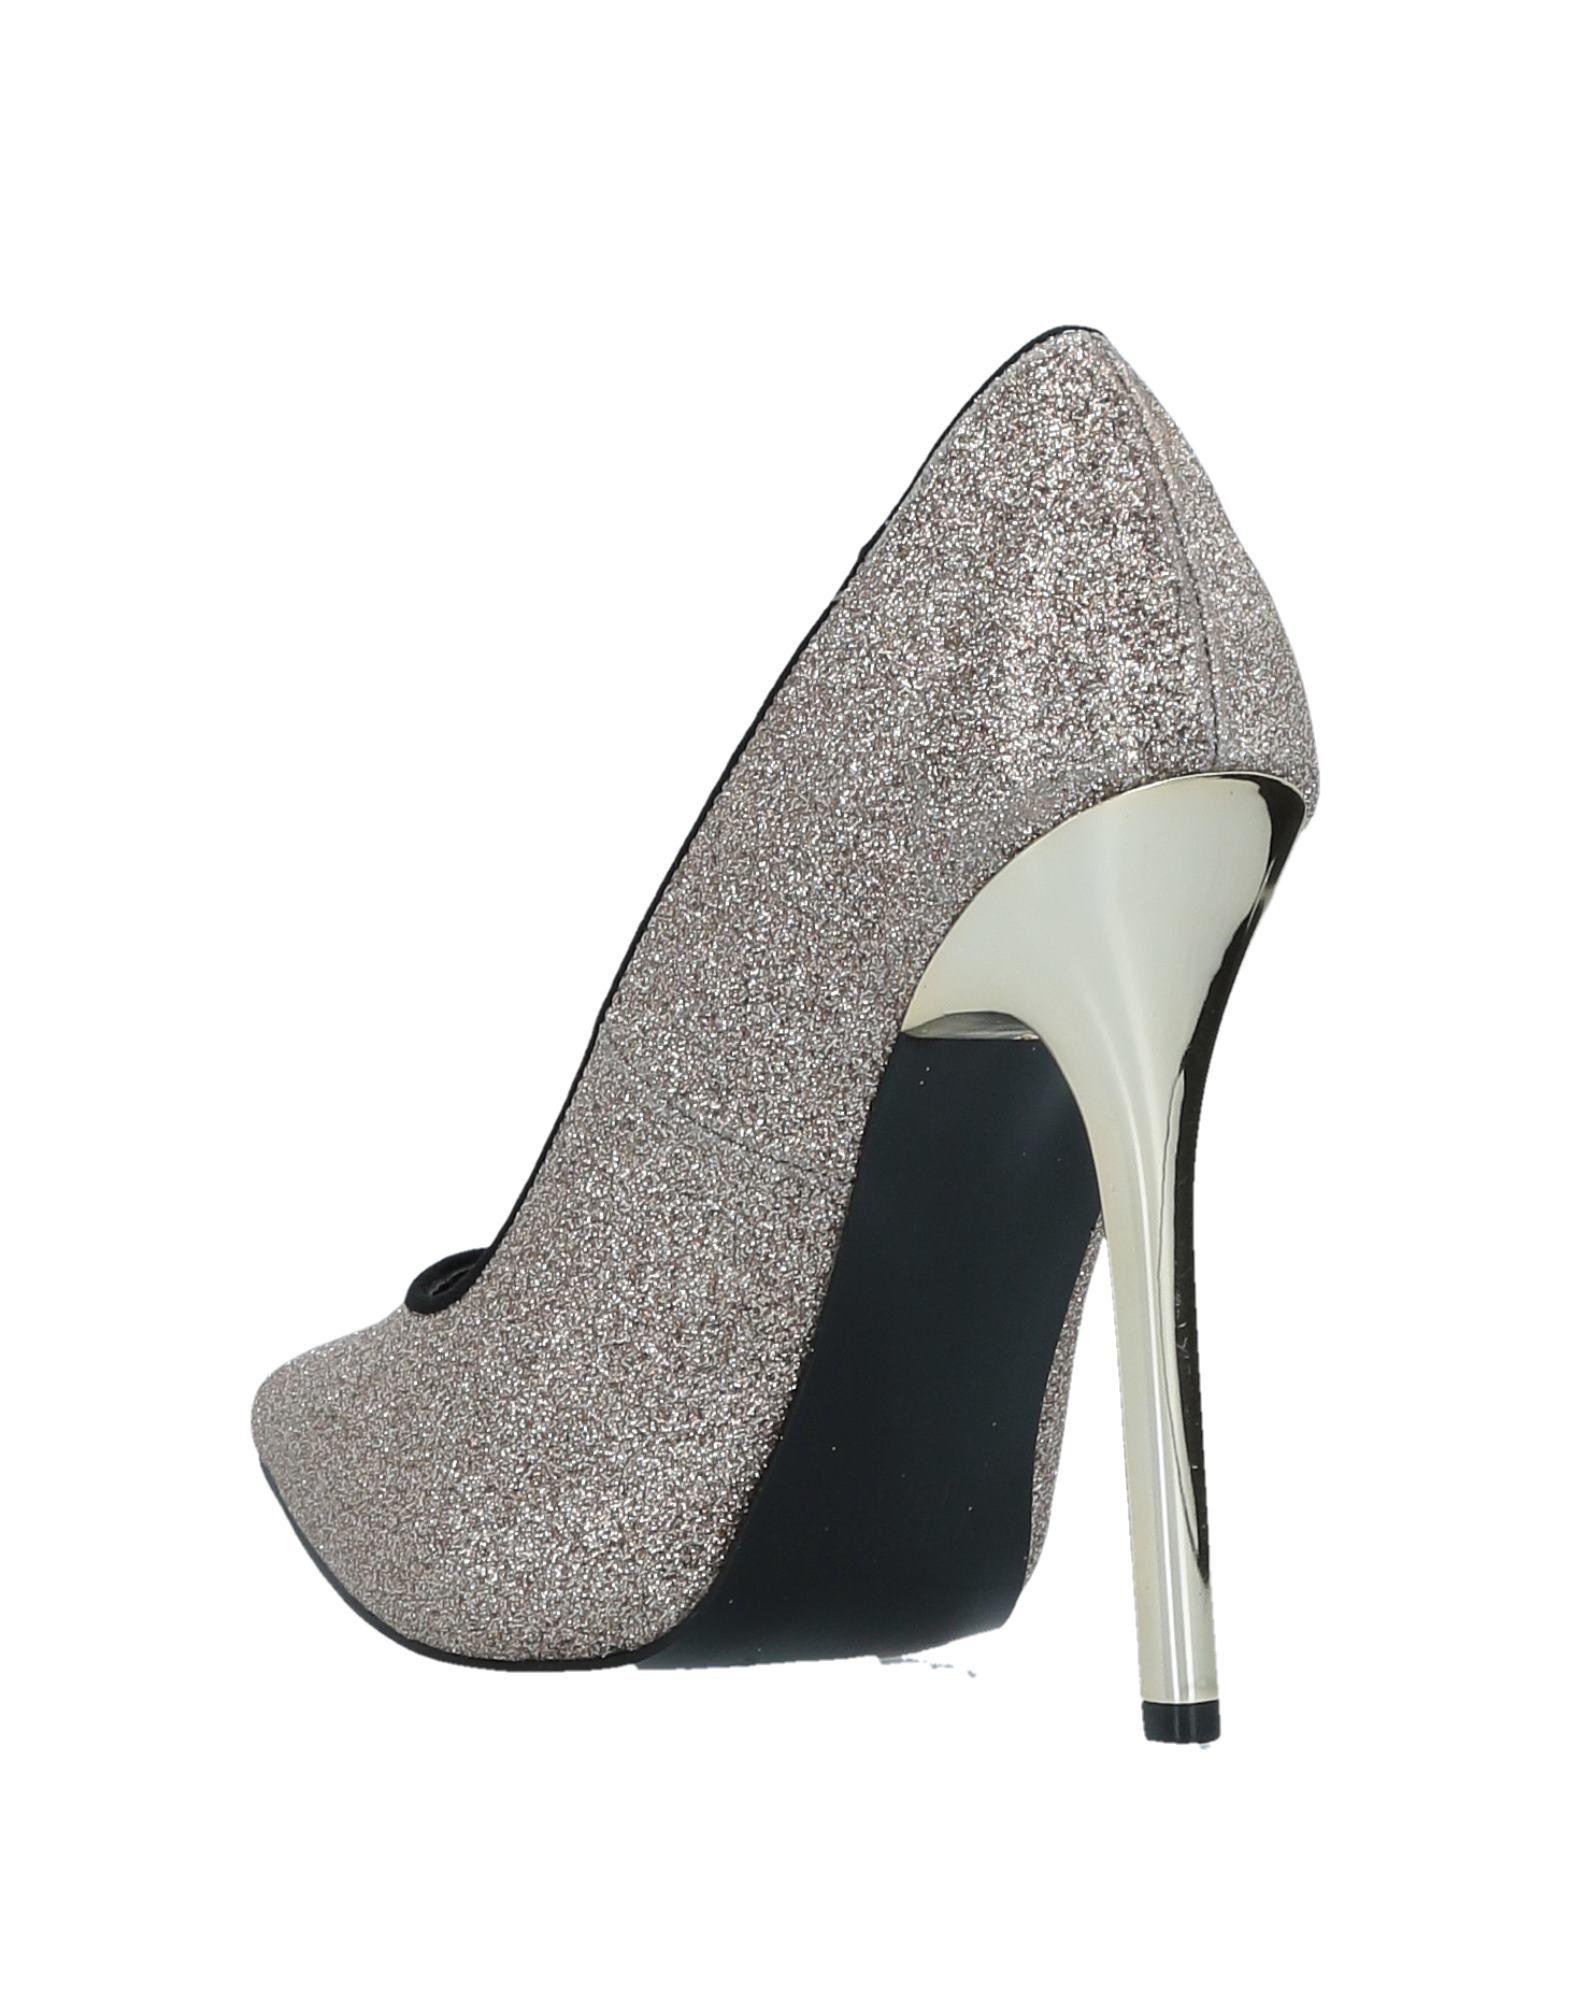 Versace Jeans Pumps Damen 11522732NQ Gute Qualität Qualität Qualität beliebte Schuhe 3dda34